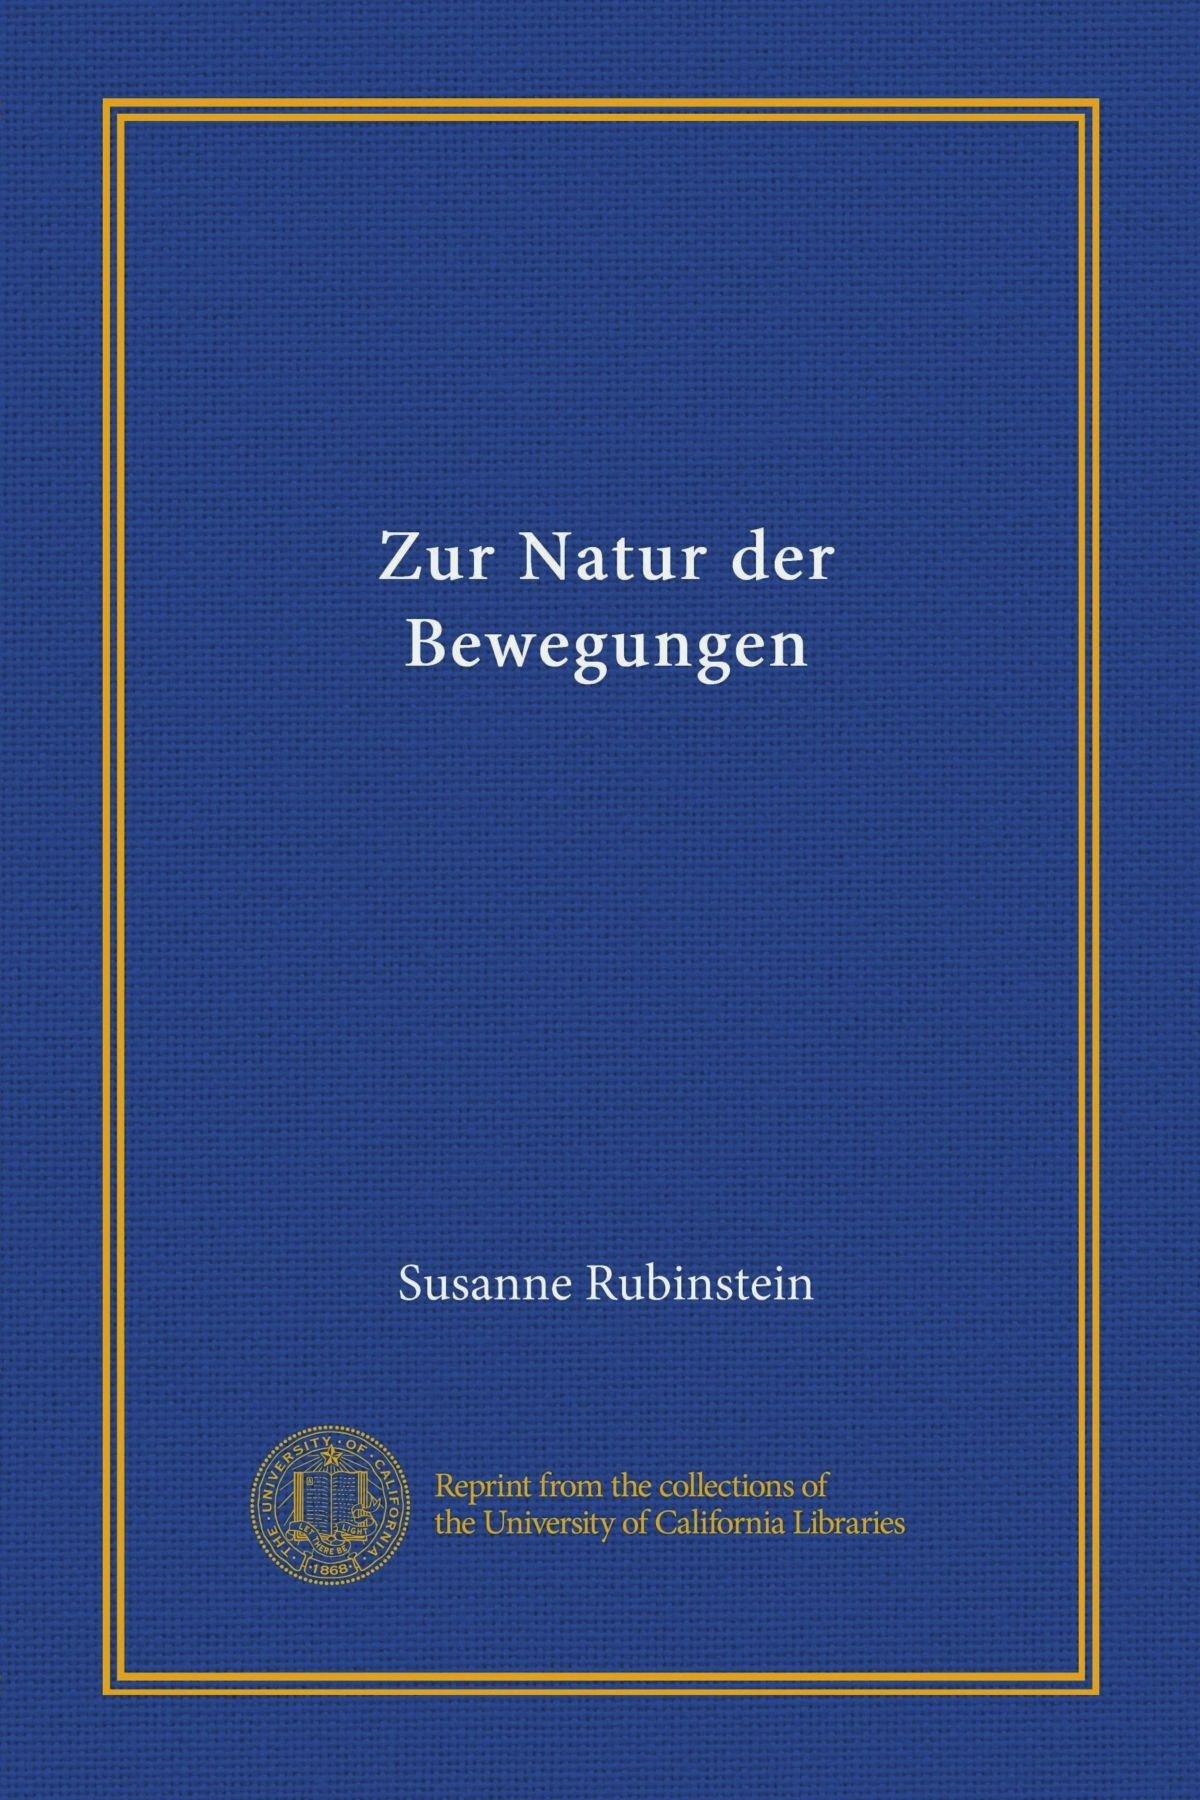 Download Zur Natur der Bewegungen (Vol-1) (German Edition) PDF